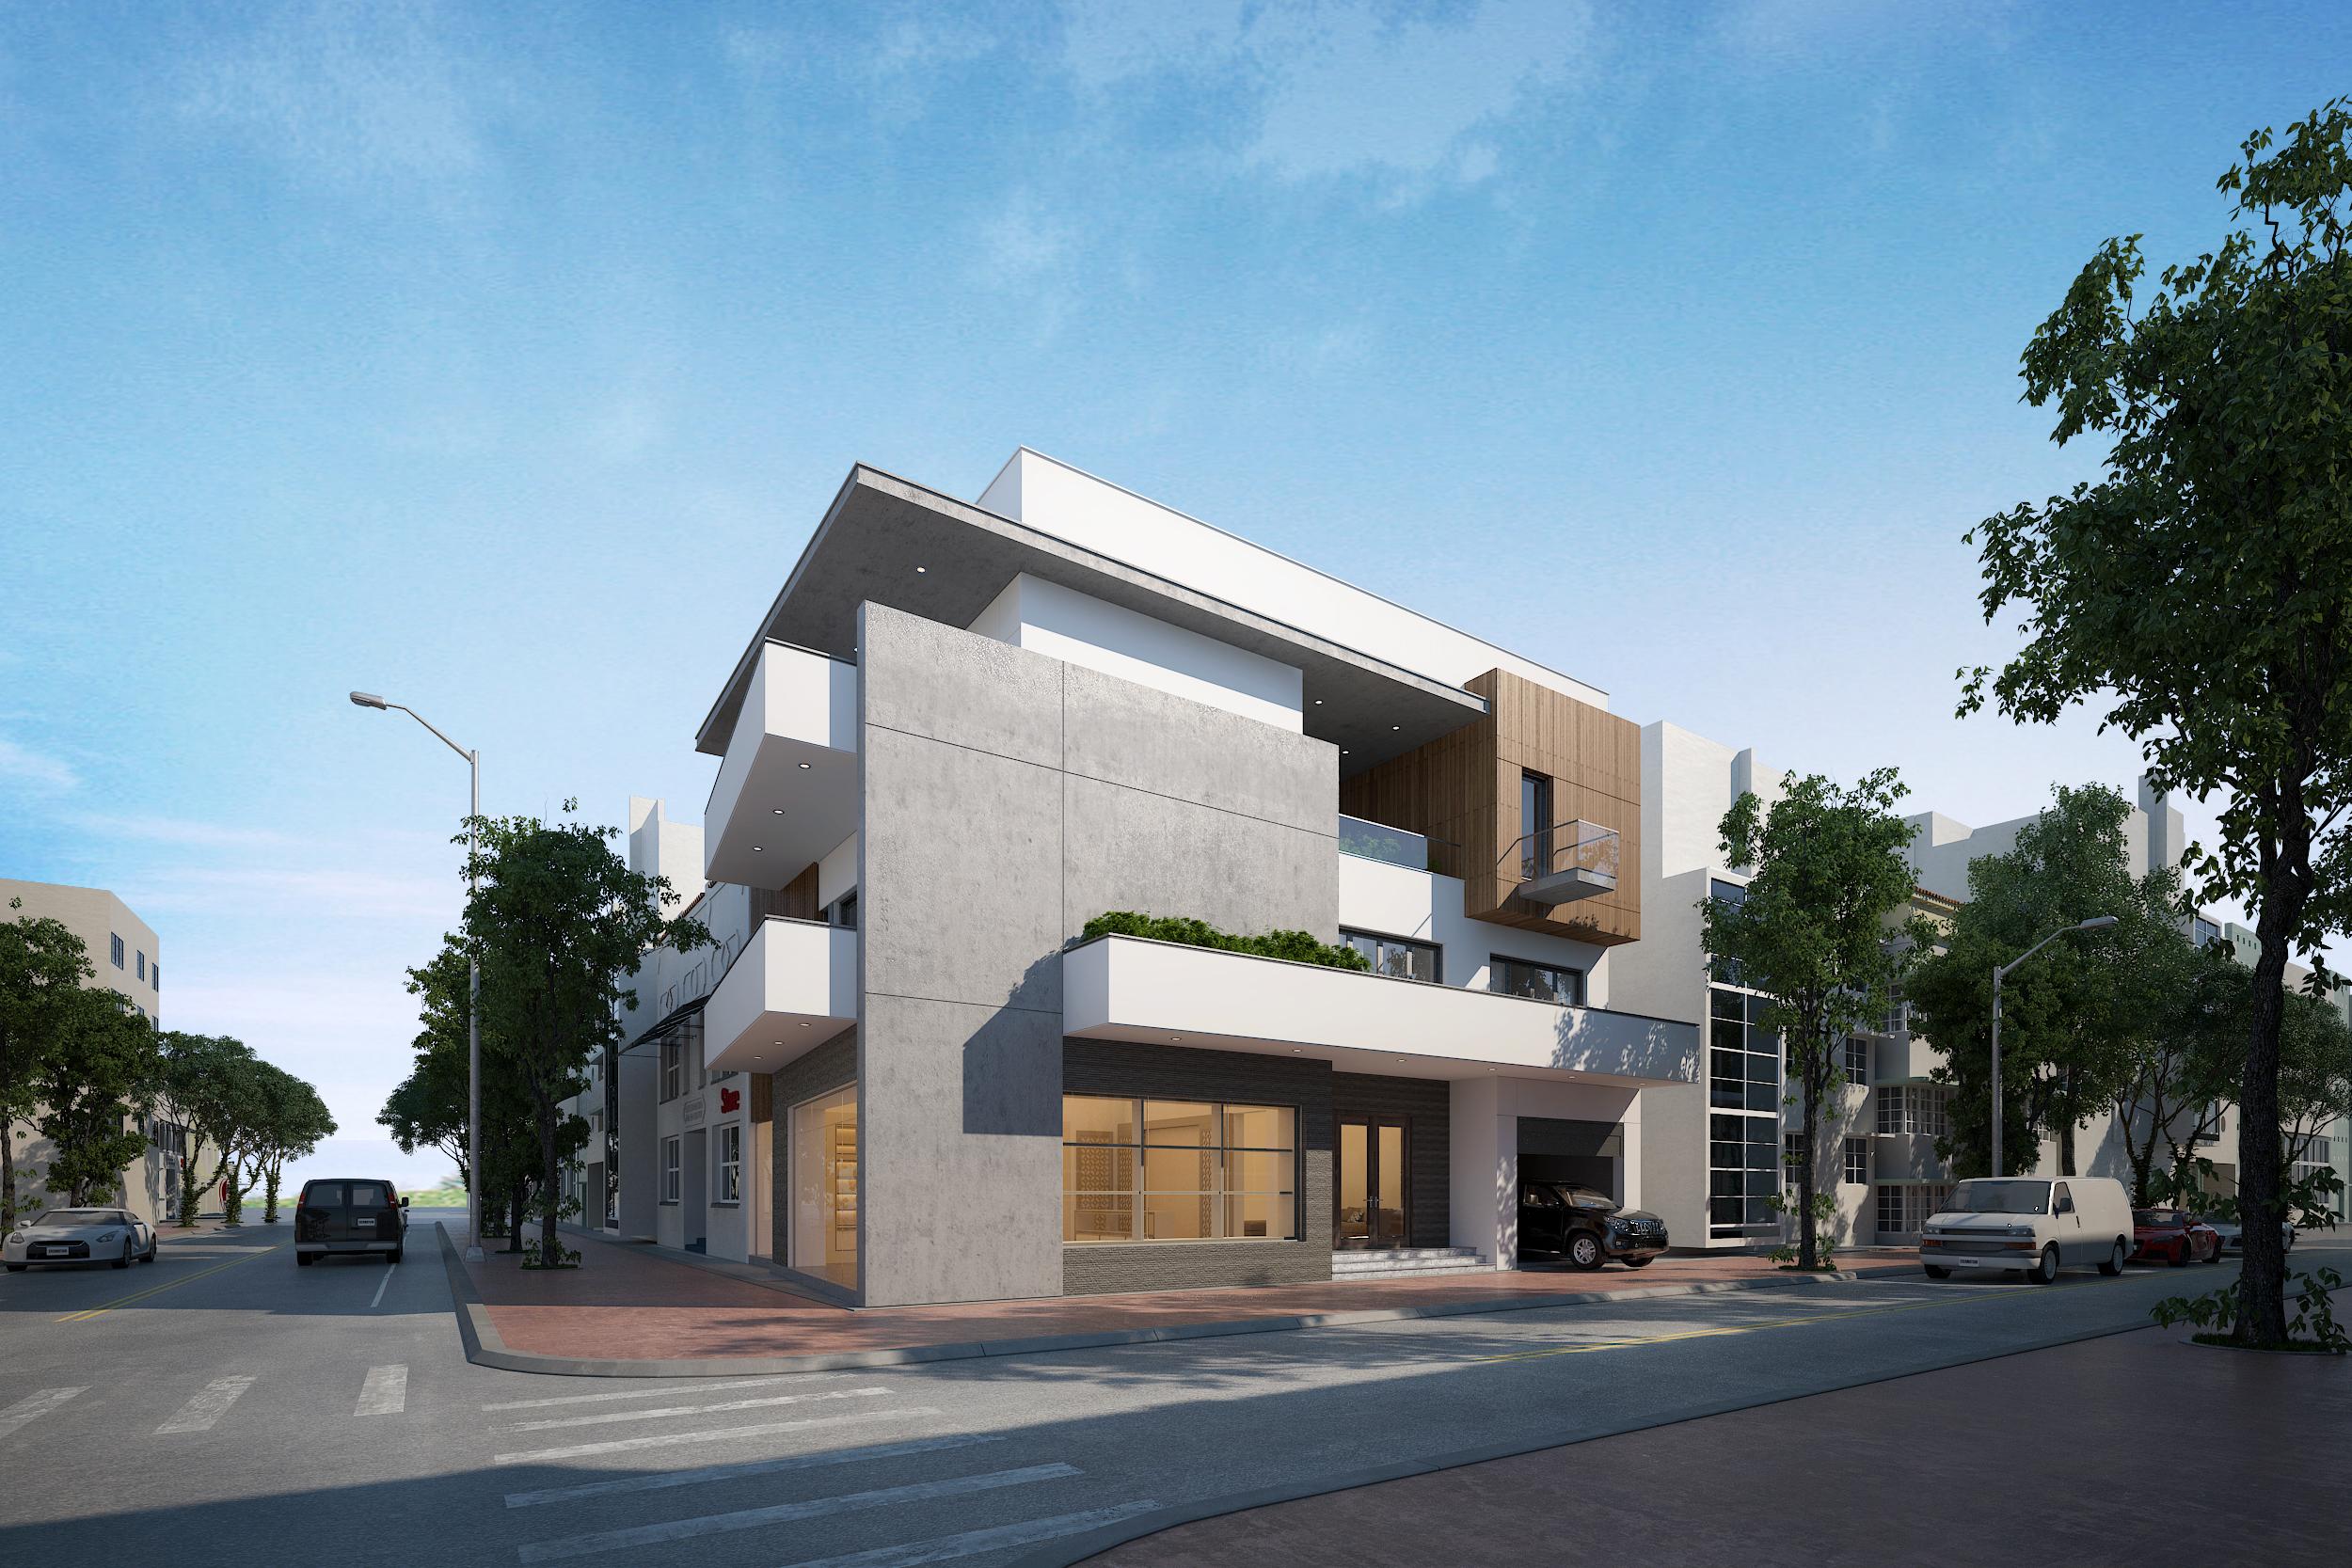 thiết kế Biệt Thự tại Quảng Bình Biệt thự phố DVA17 0 1545317197